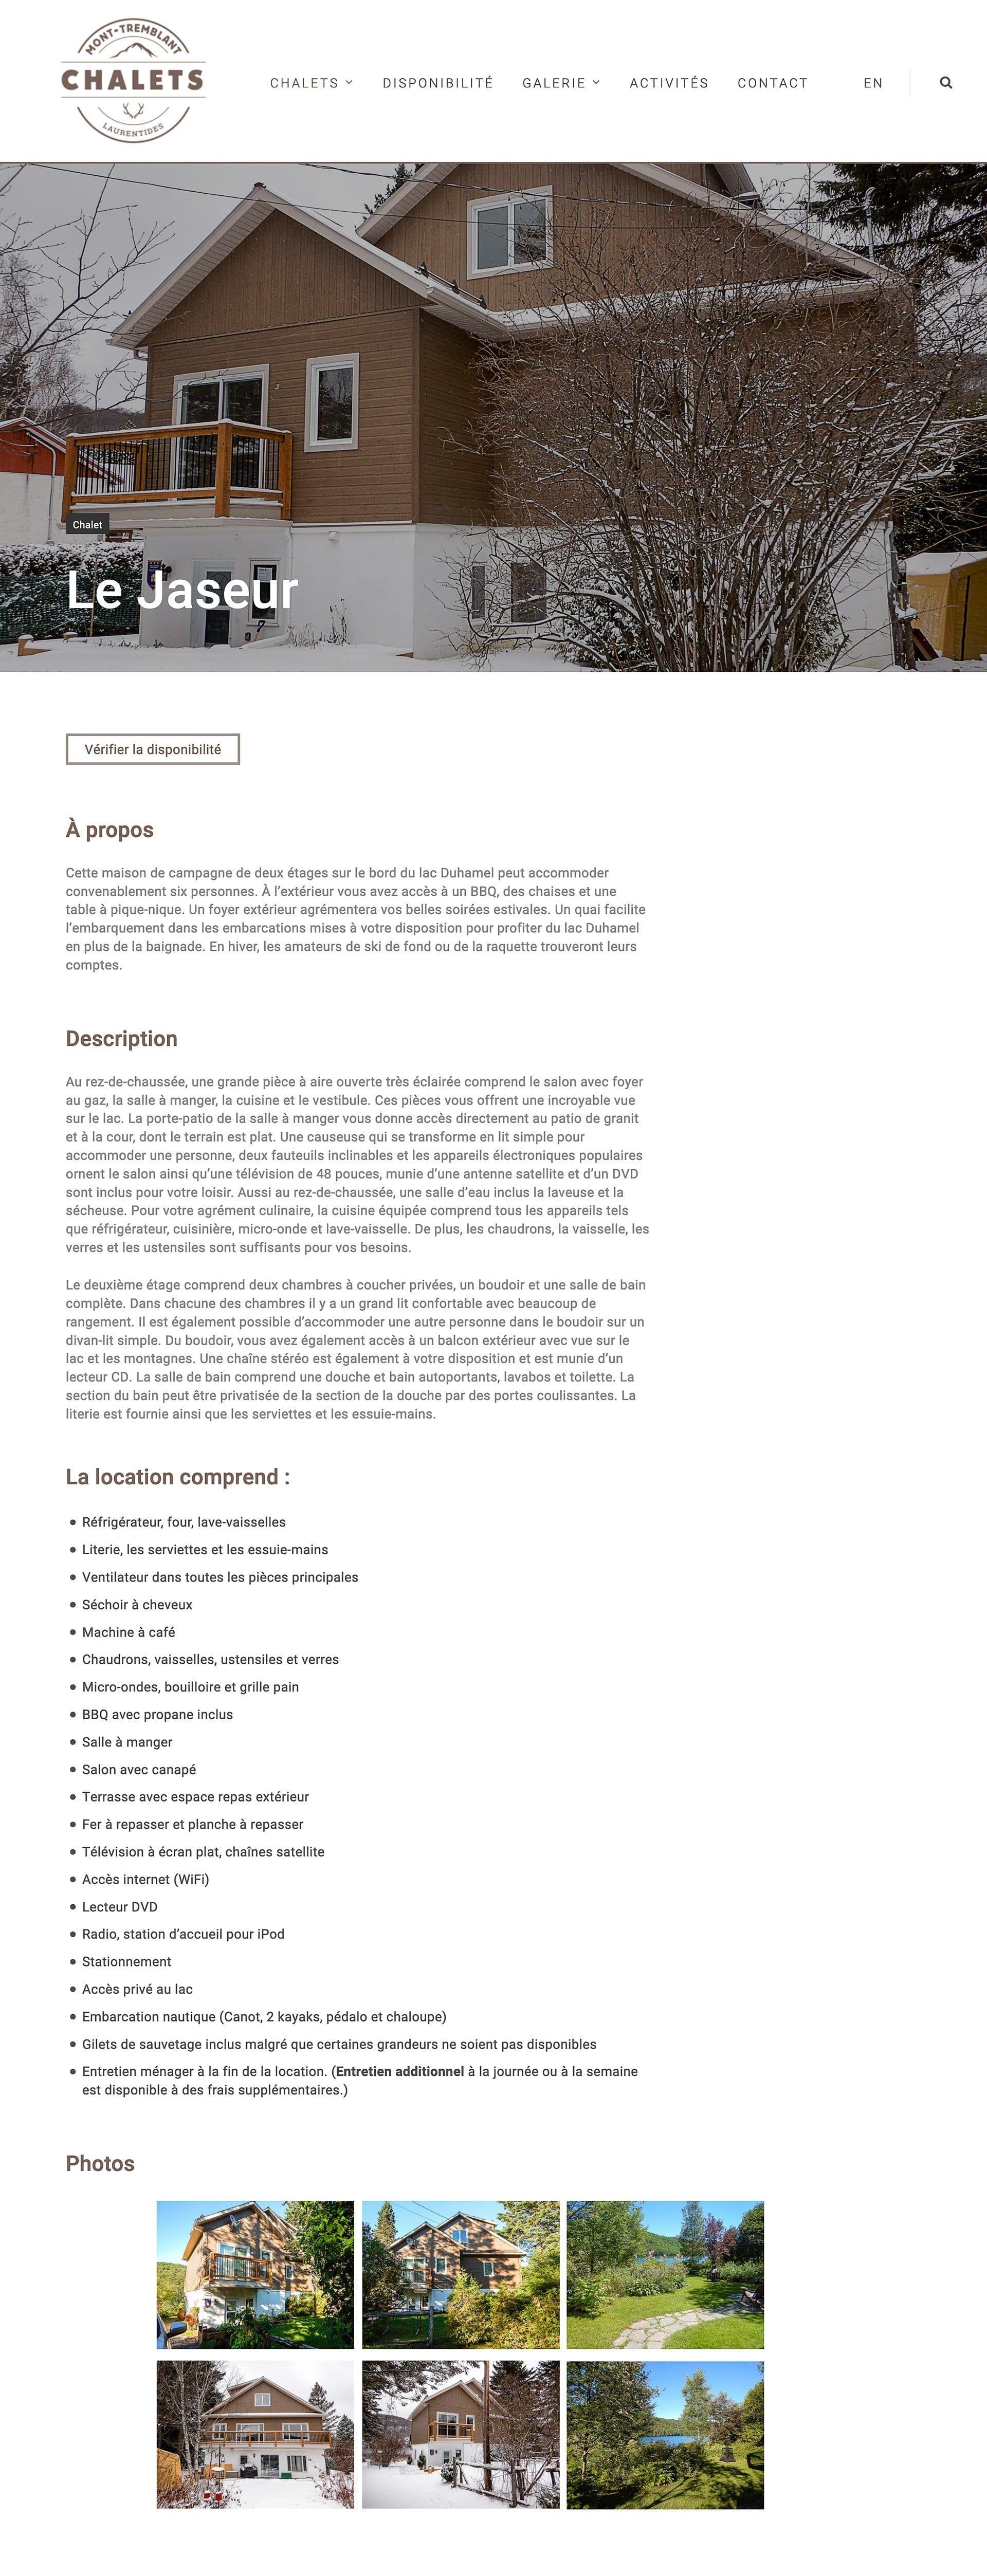 chalet-laurentides-site-web-2 Chalets Mont-Tremblant - Site